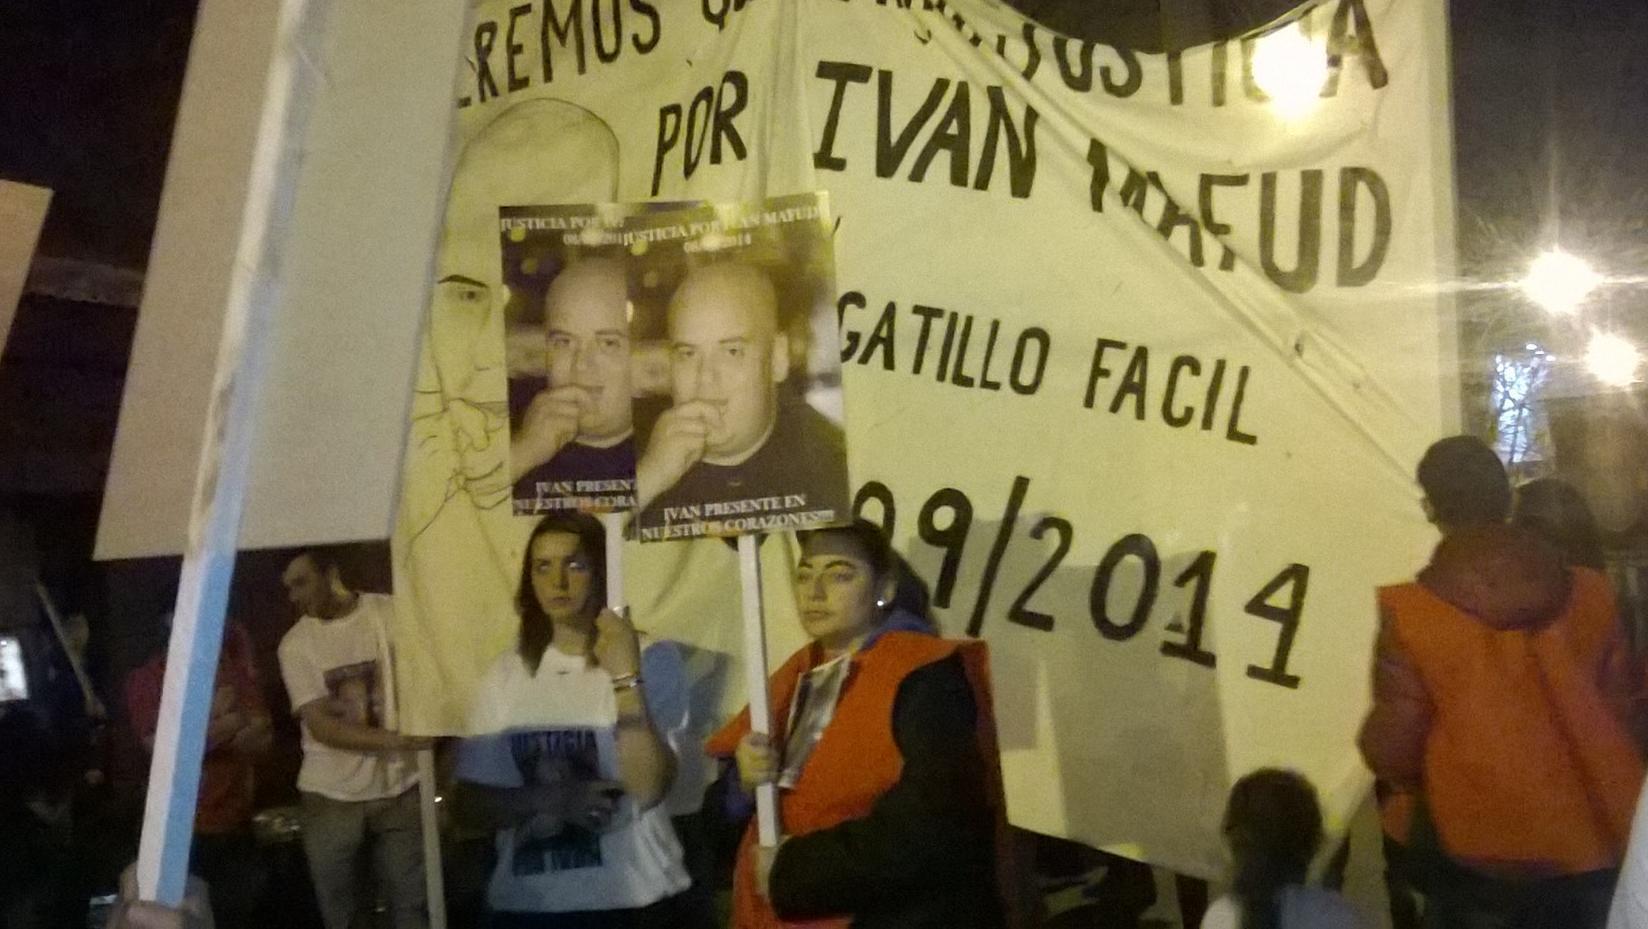 Movilización en reclamo de justicia por el asesinato de Iván Mafud.